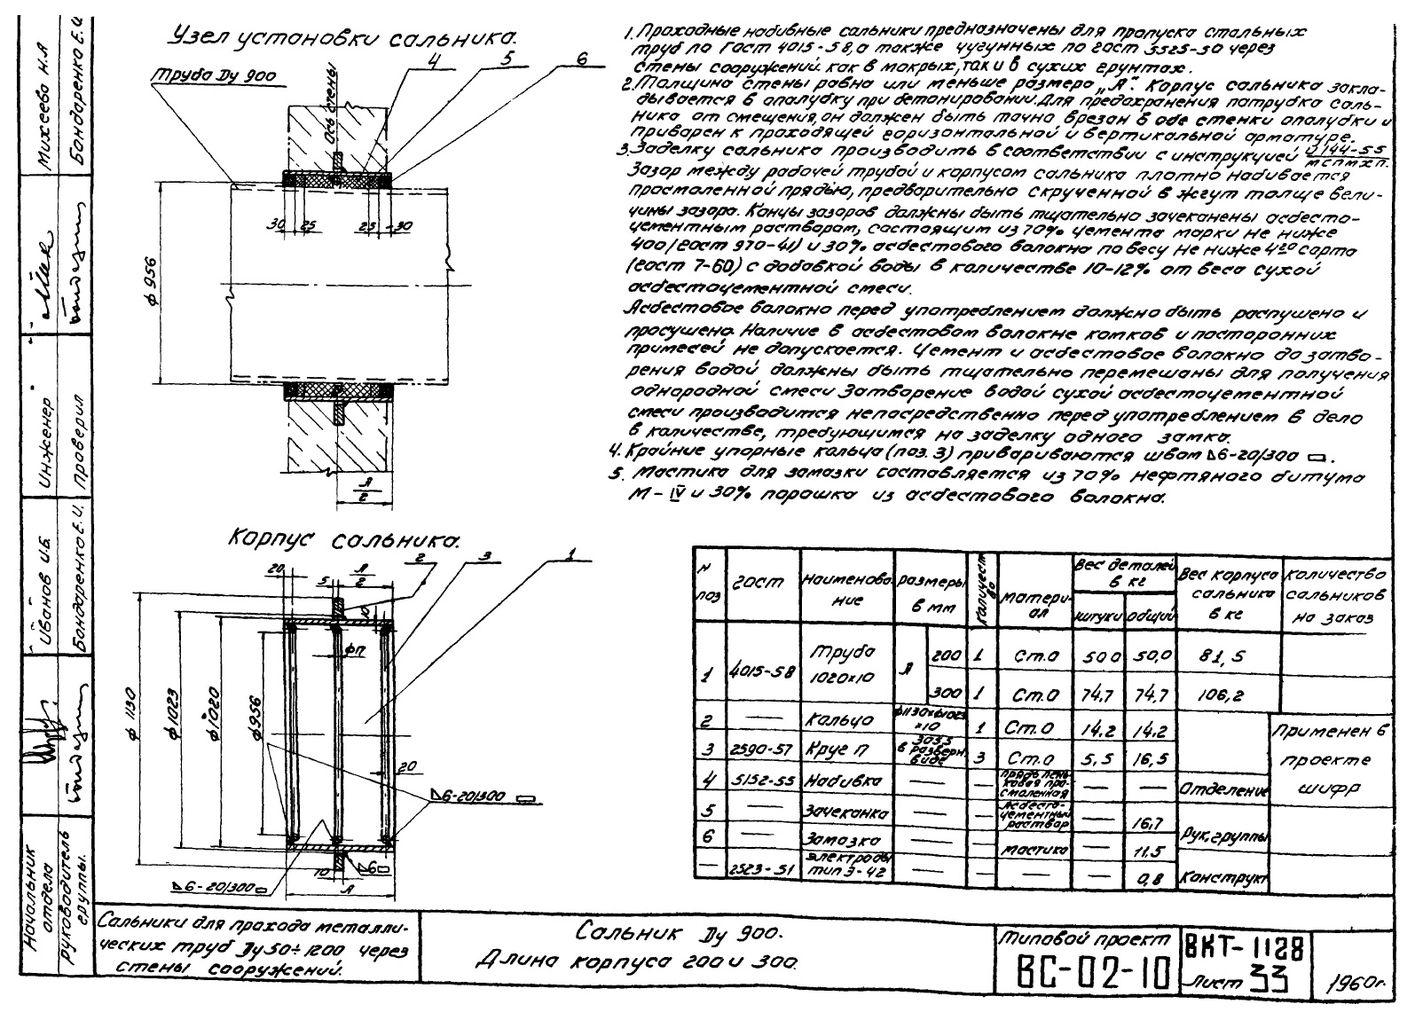 Сальники набивные L = 300 мм типовой проект ВС-02-10 стр.16